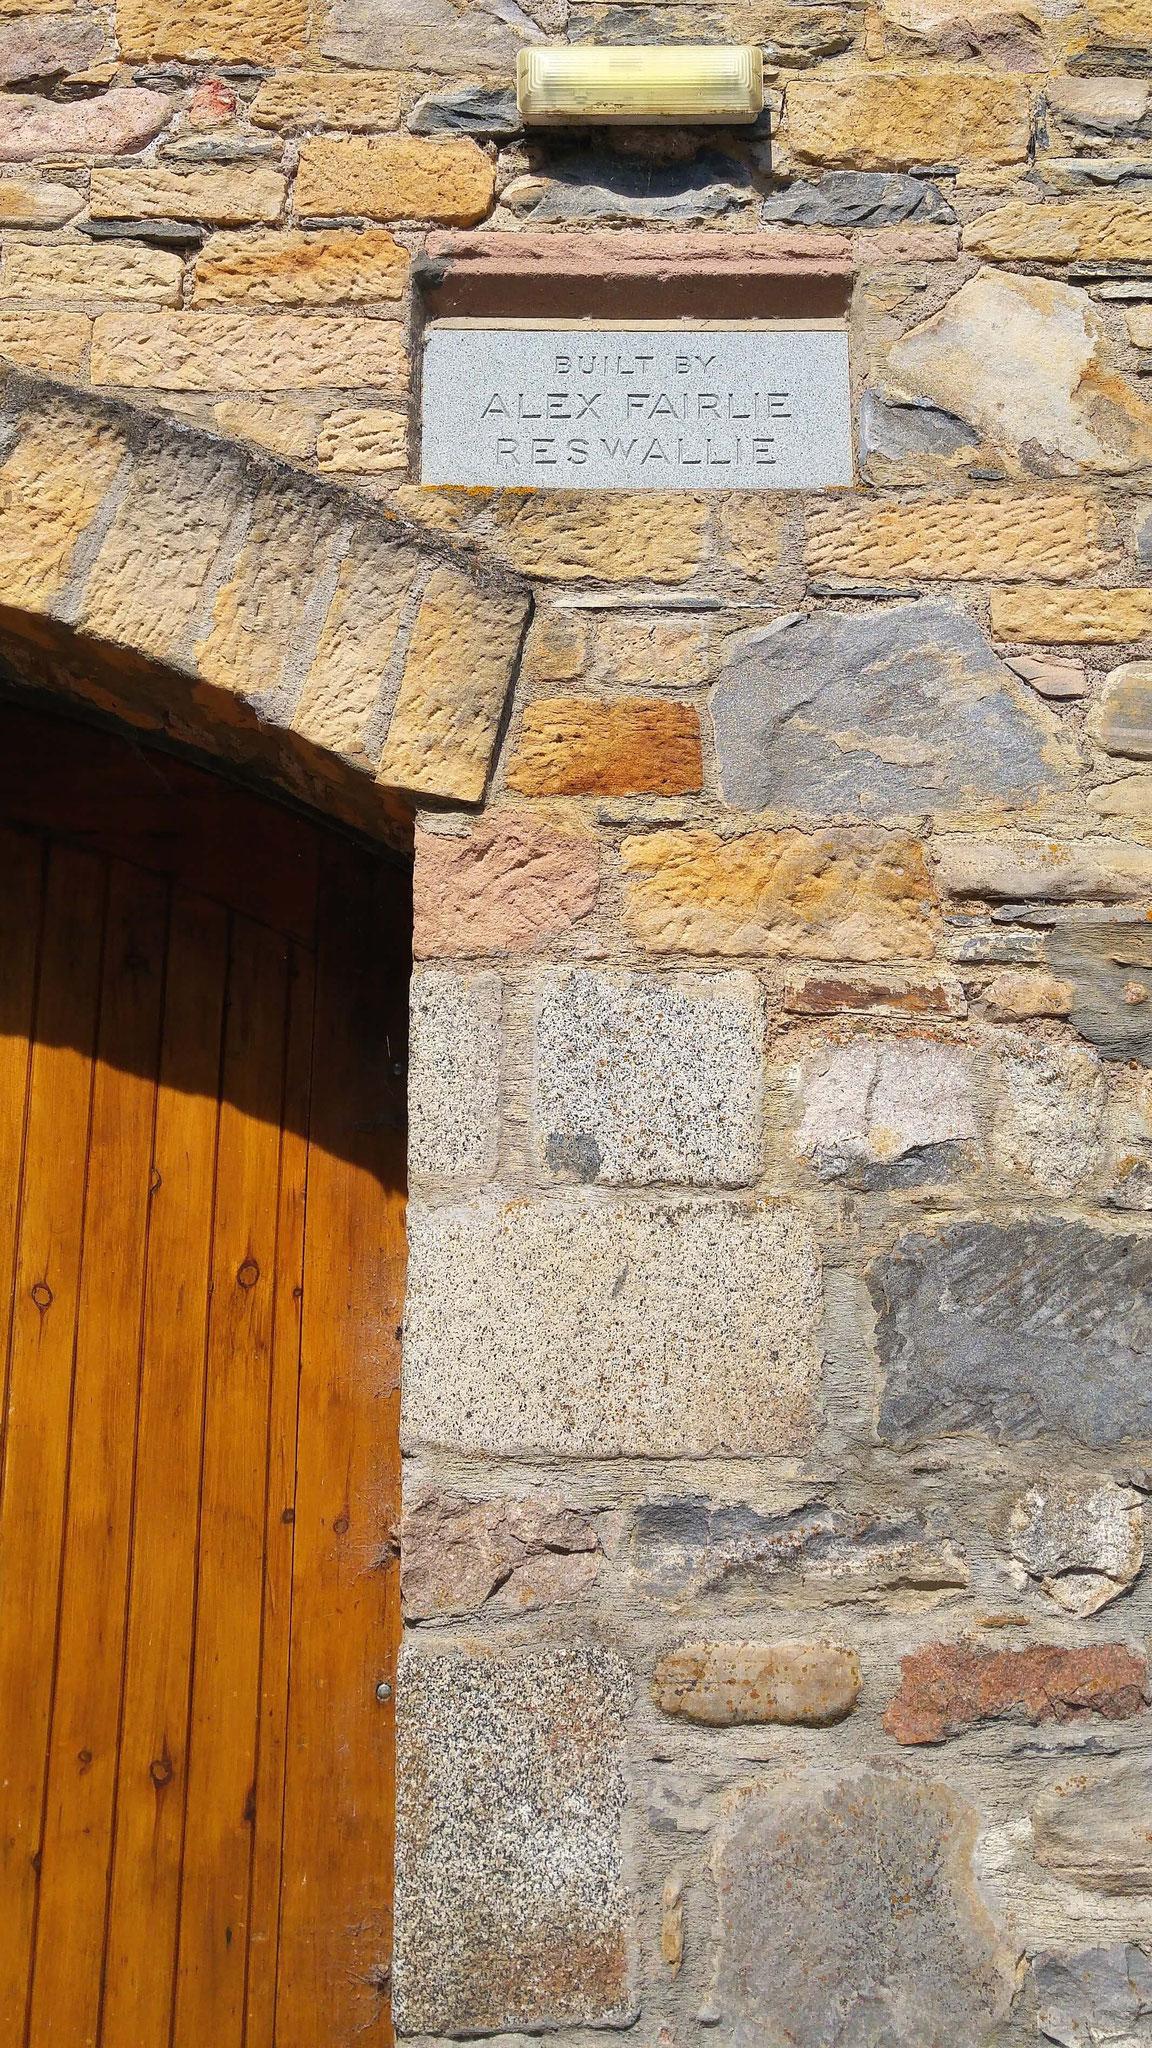 Der Erbauer wurde immerhin mit einem Stein bedacht.